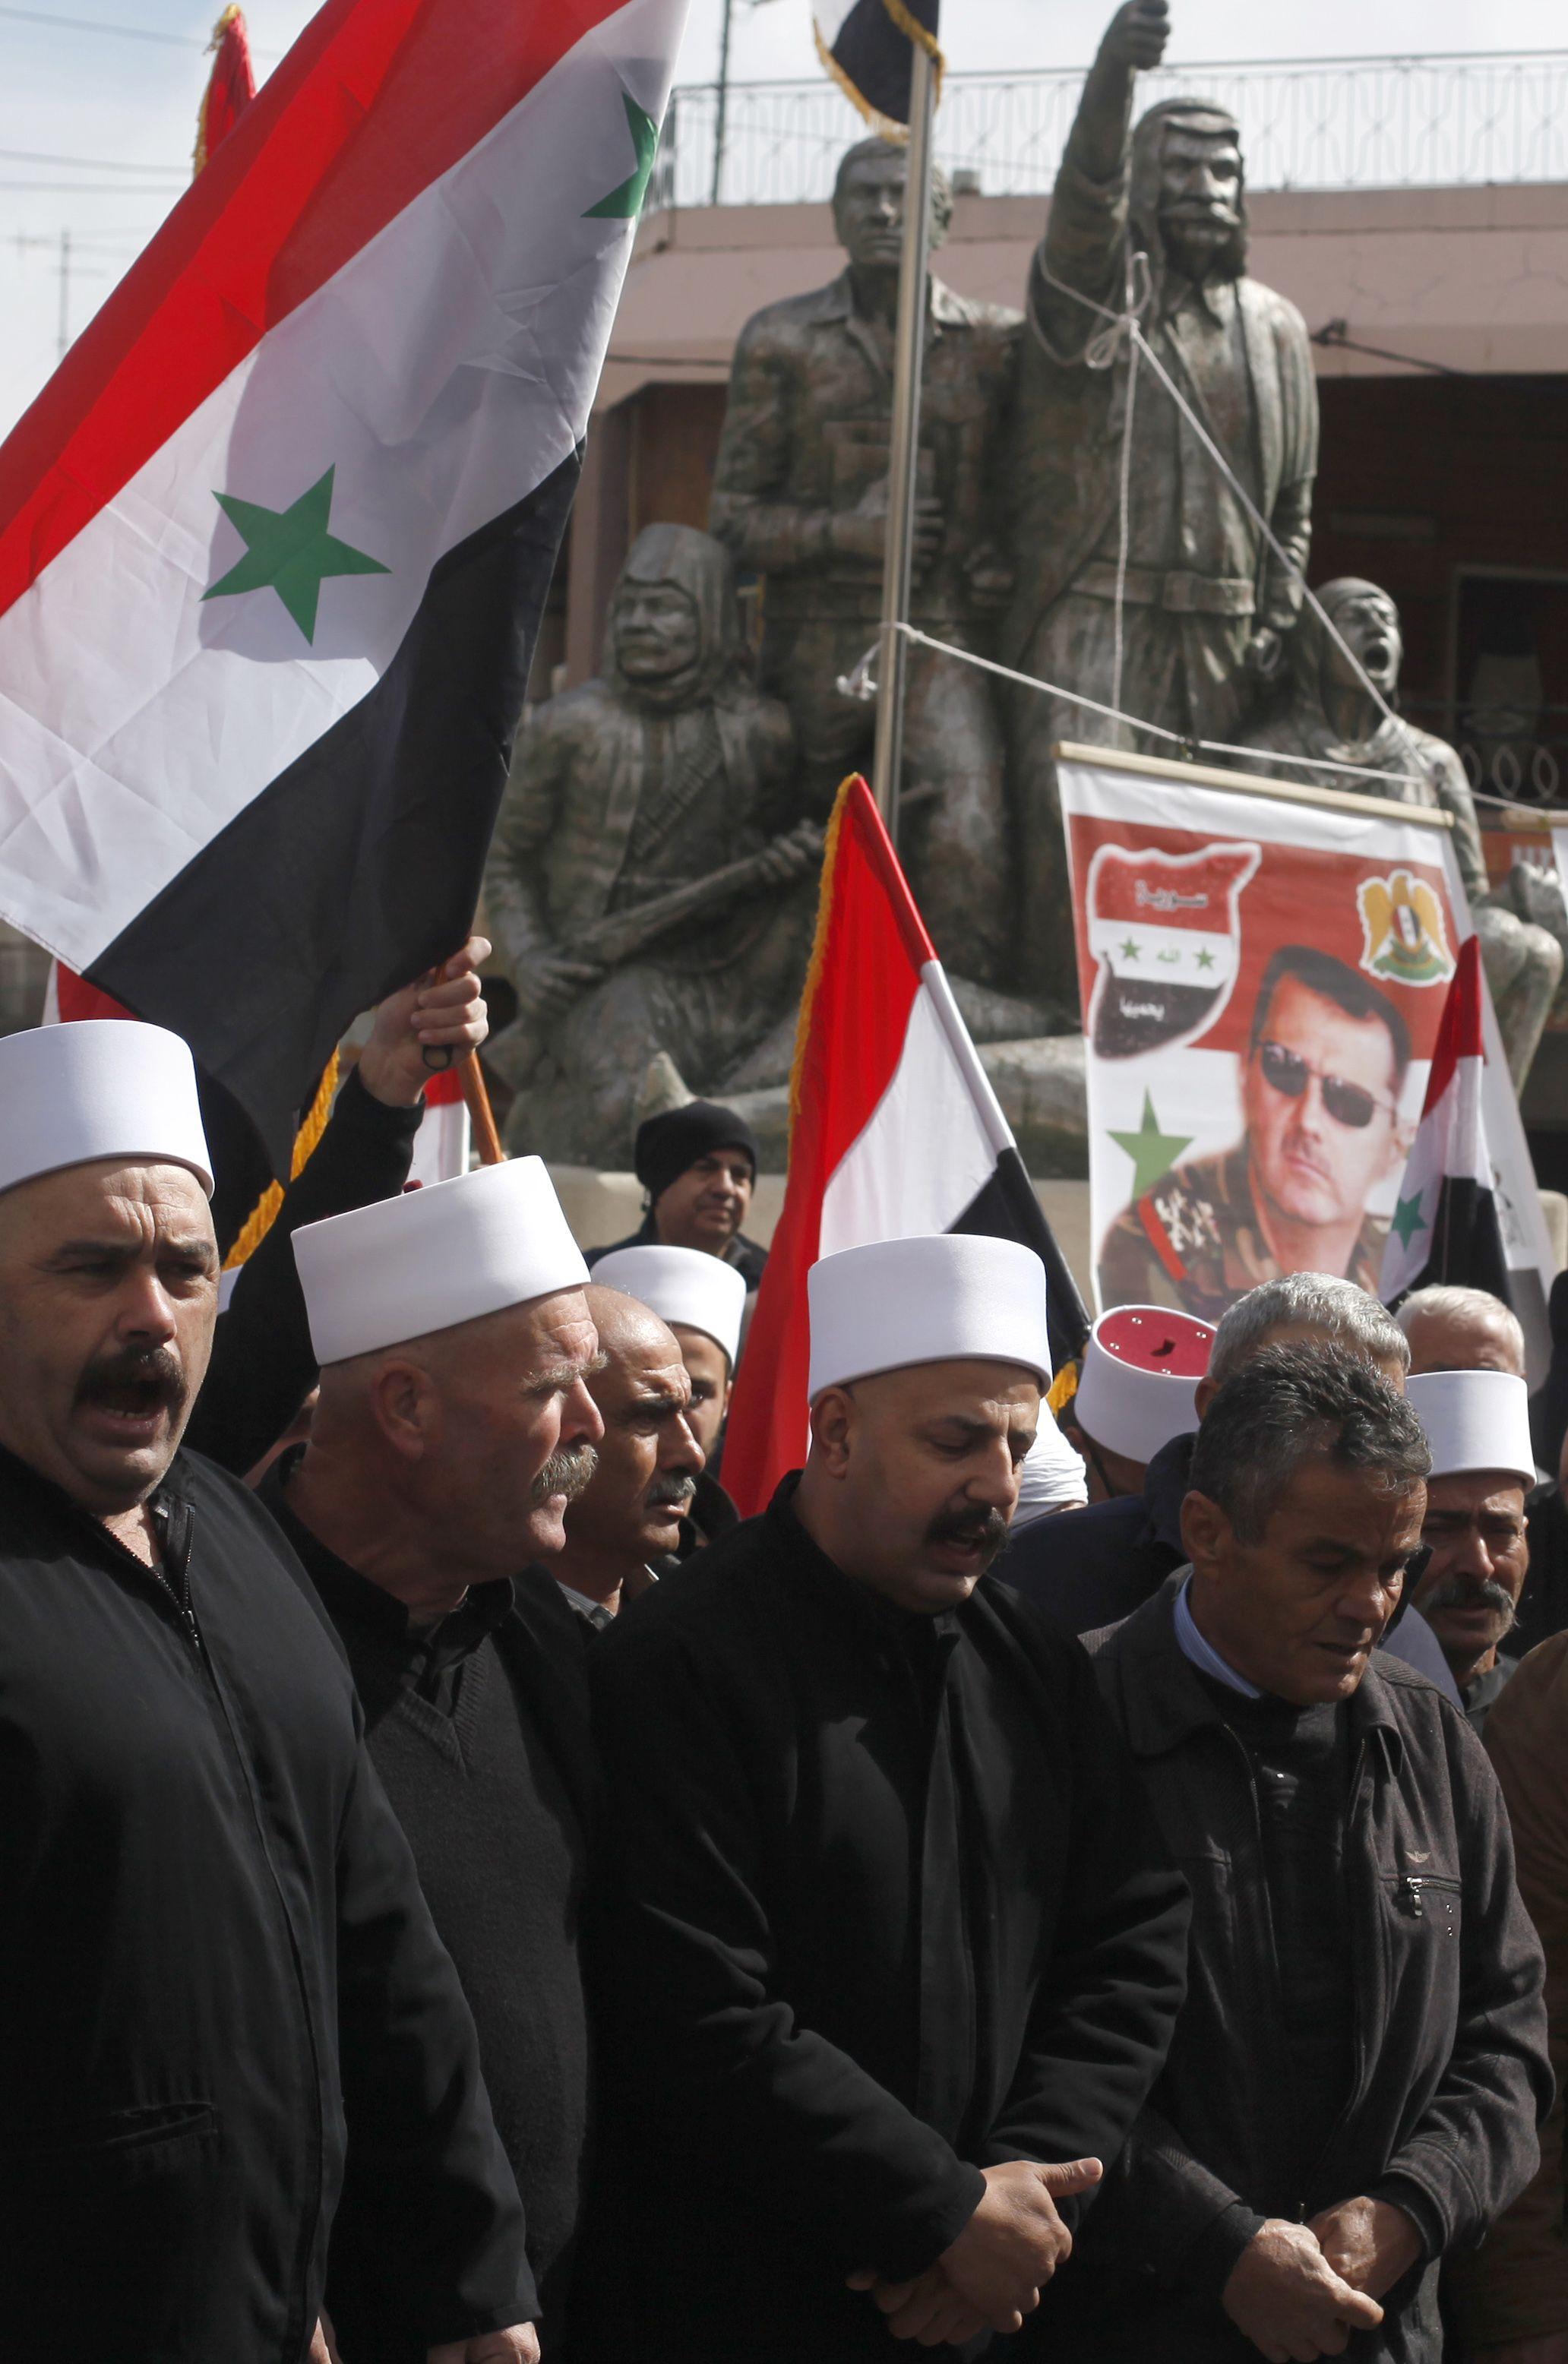 جانب من الاحتجاجات ضد الاحتلال فى الجولان